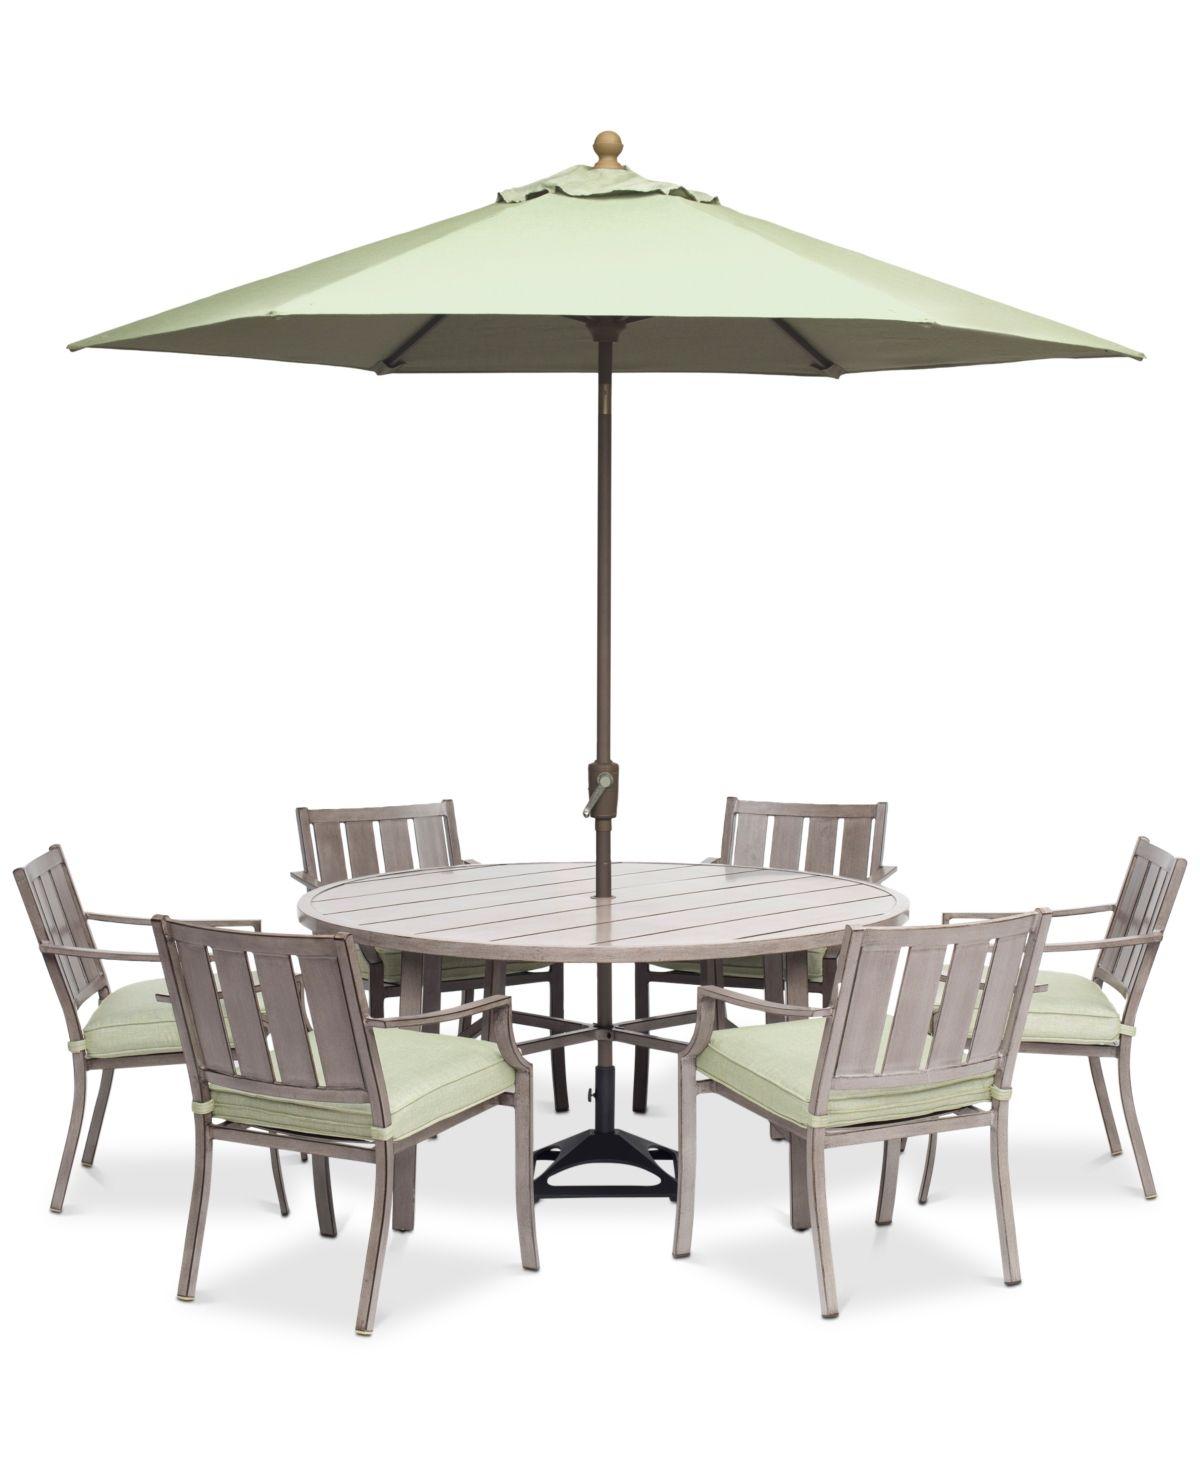 Furniture Cast Aluminum 60 Round Outdoor Dining Table Outdoor Dining Table Round Patio Table